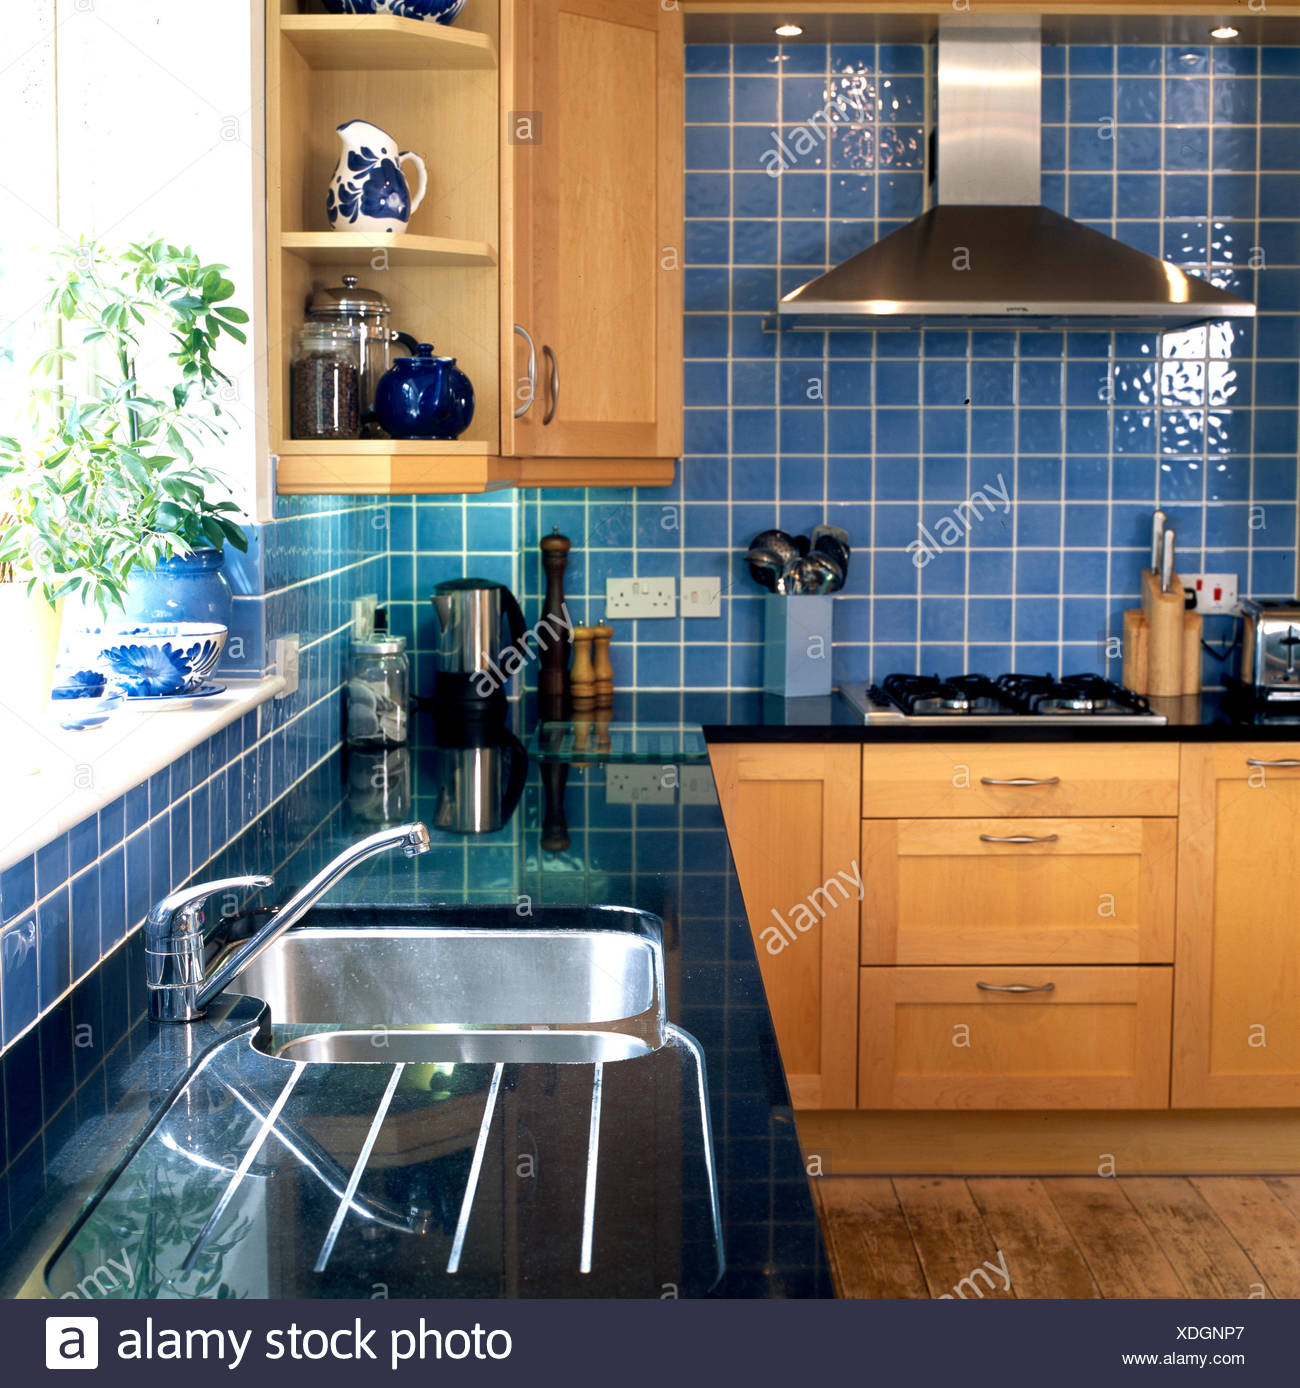 Cocina Azulejos Azules Con Negro Encimera Foto Imagen De Stock